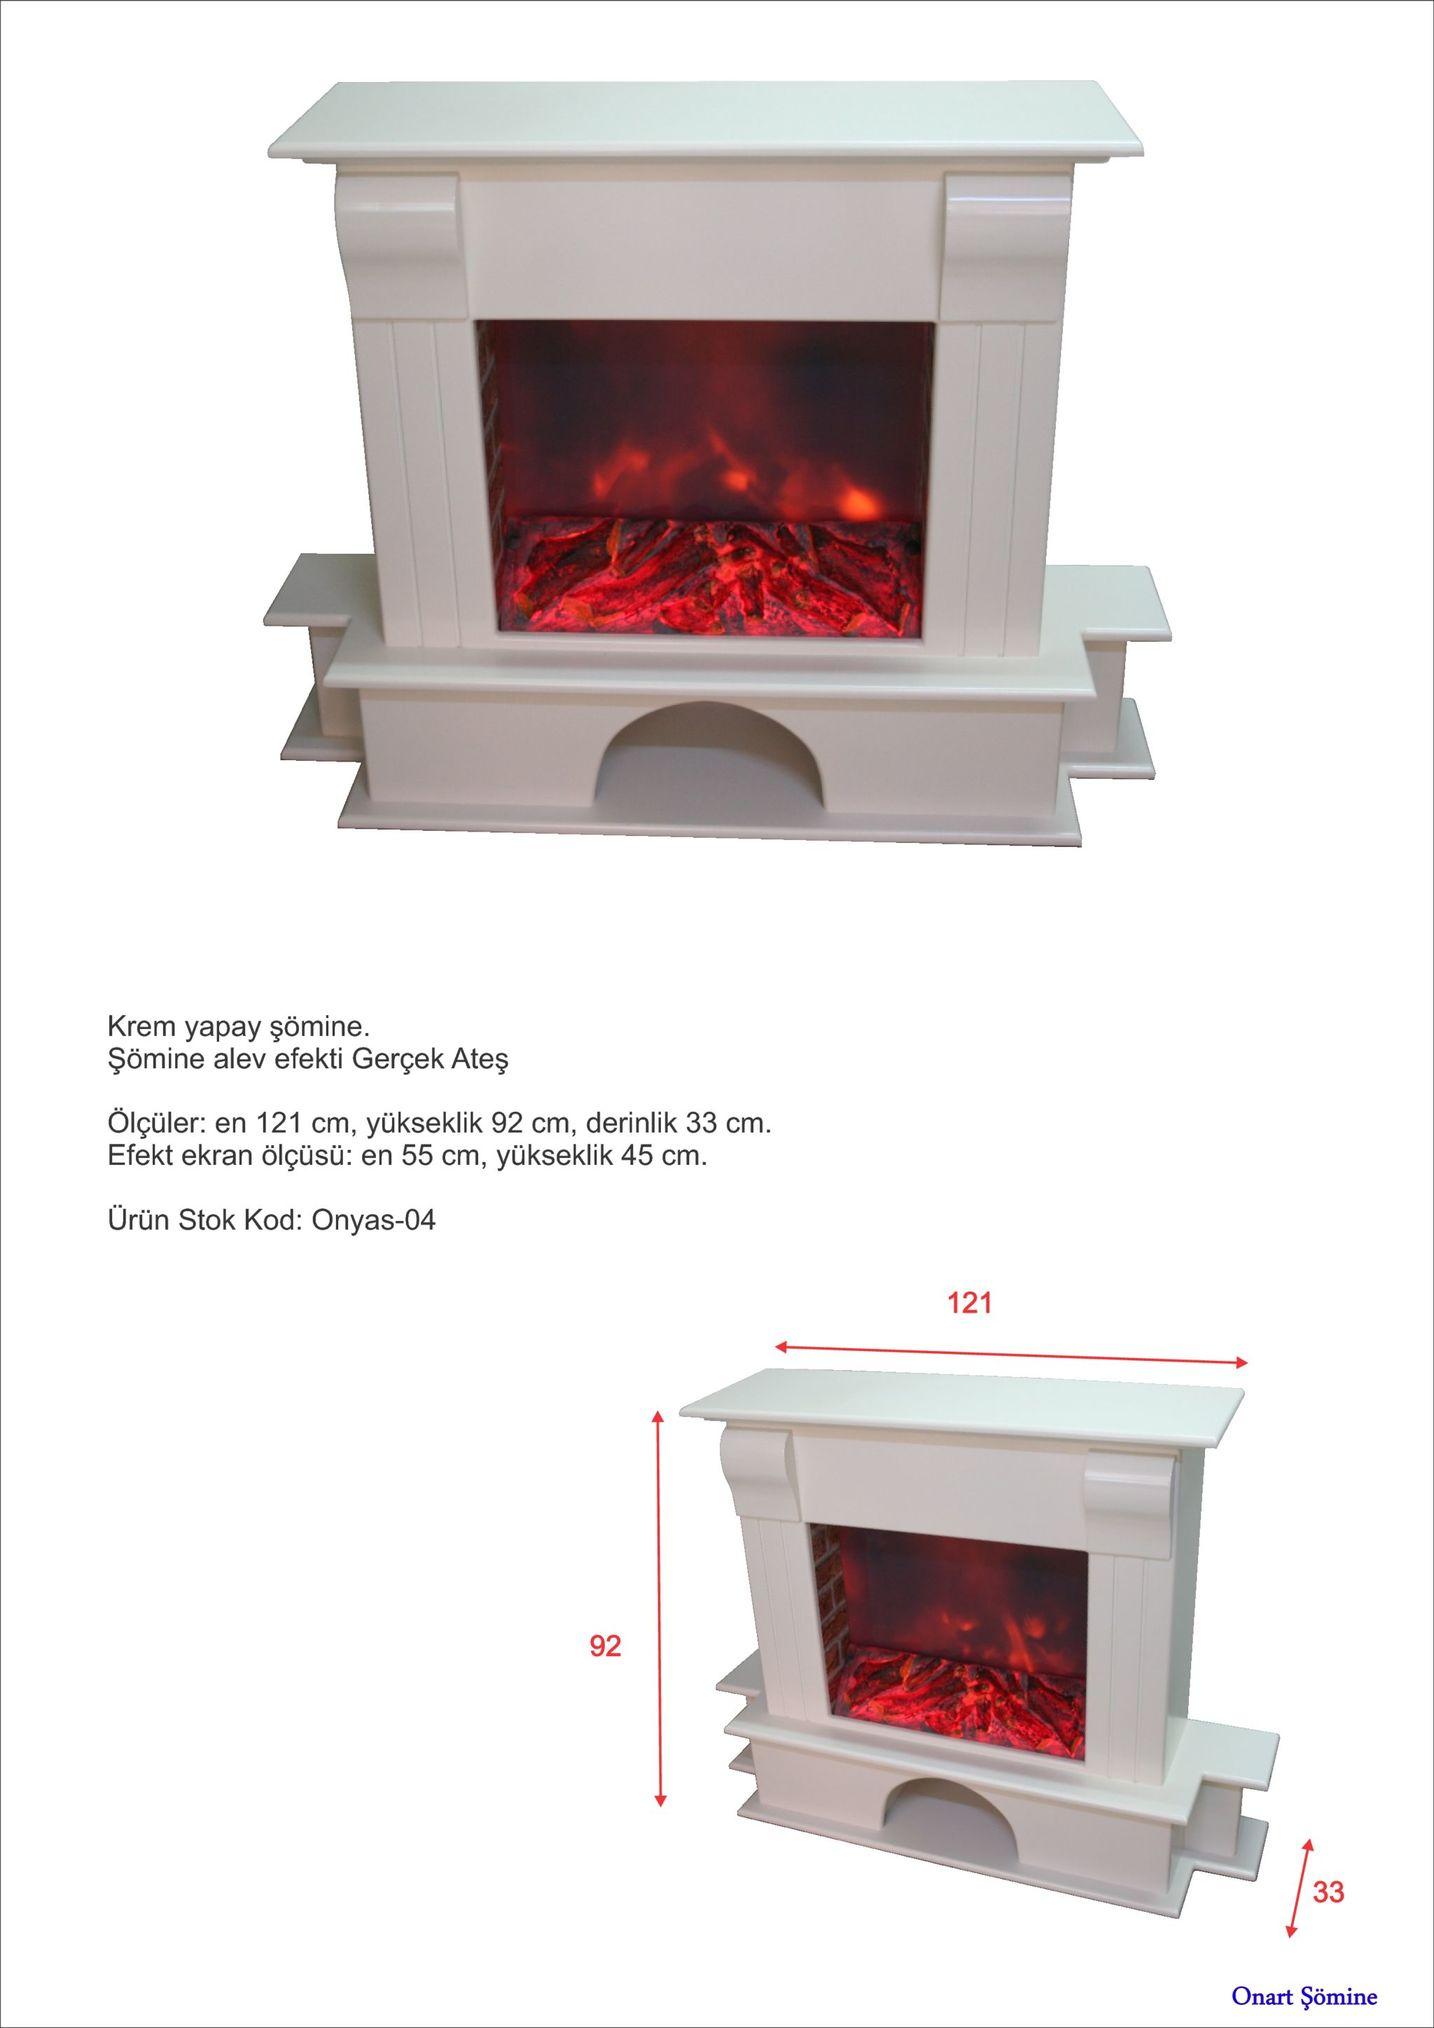 krem yapay şömine. şömine alev efekti gerçek ateş ölçüler: en 121 cm, yükseklik 92 cm, derinlik 33 cm. efekt ekran ölçüsü: en 55 cm, yükseklik 45 cm ürün stok kod: onyas-04 121 92 onart şömine